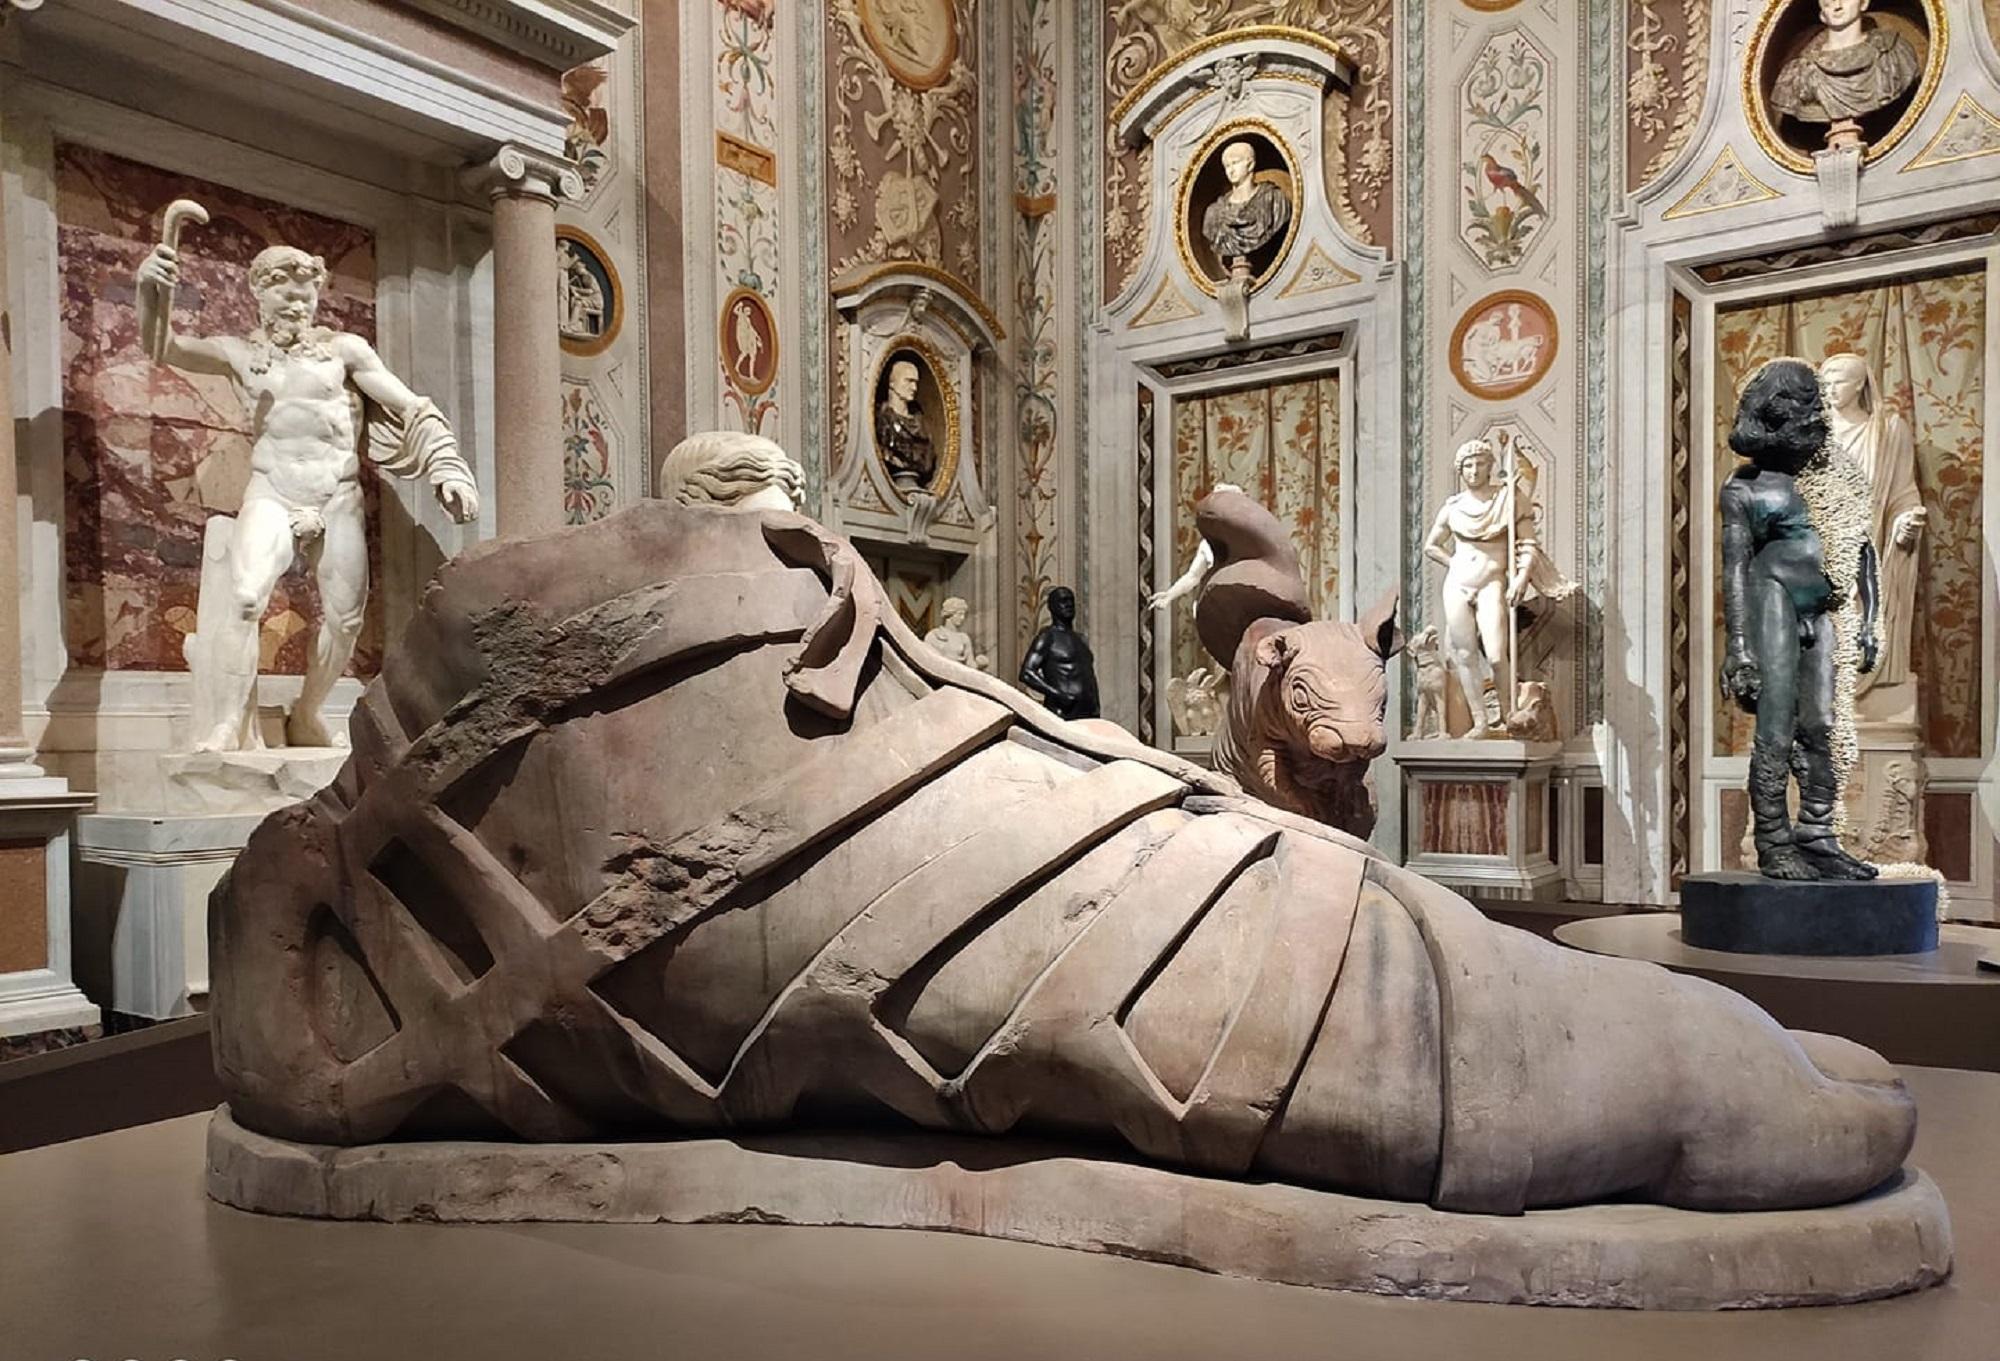 Damien Hirst sbarca a Roma. Primissime immagini della mostra alla Galleria Borghese